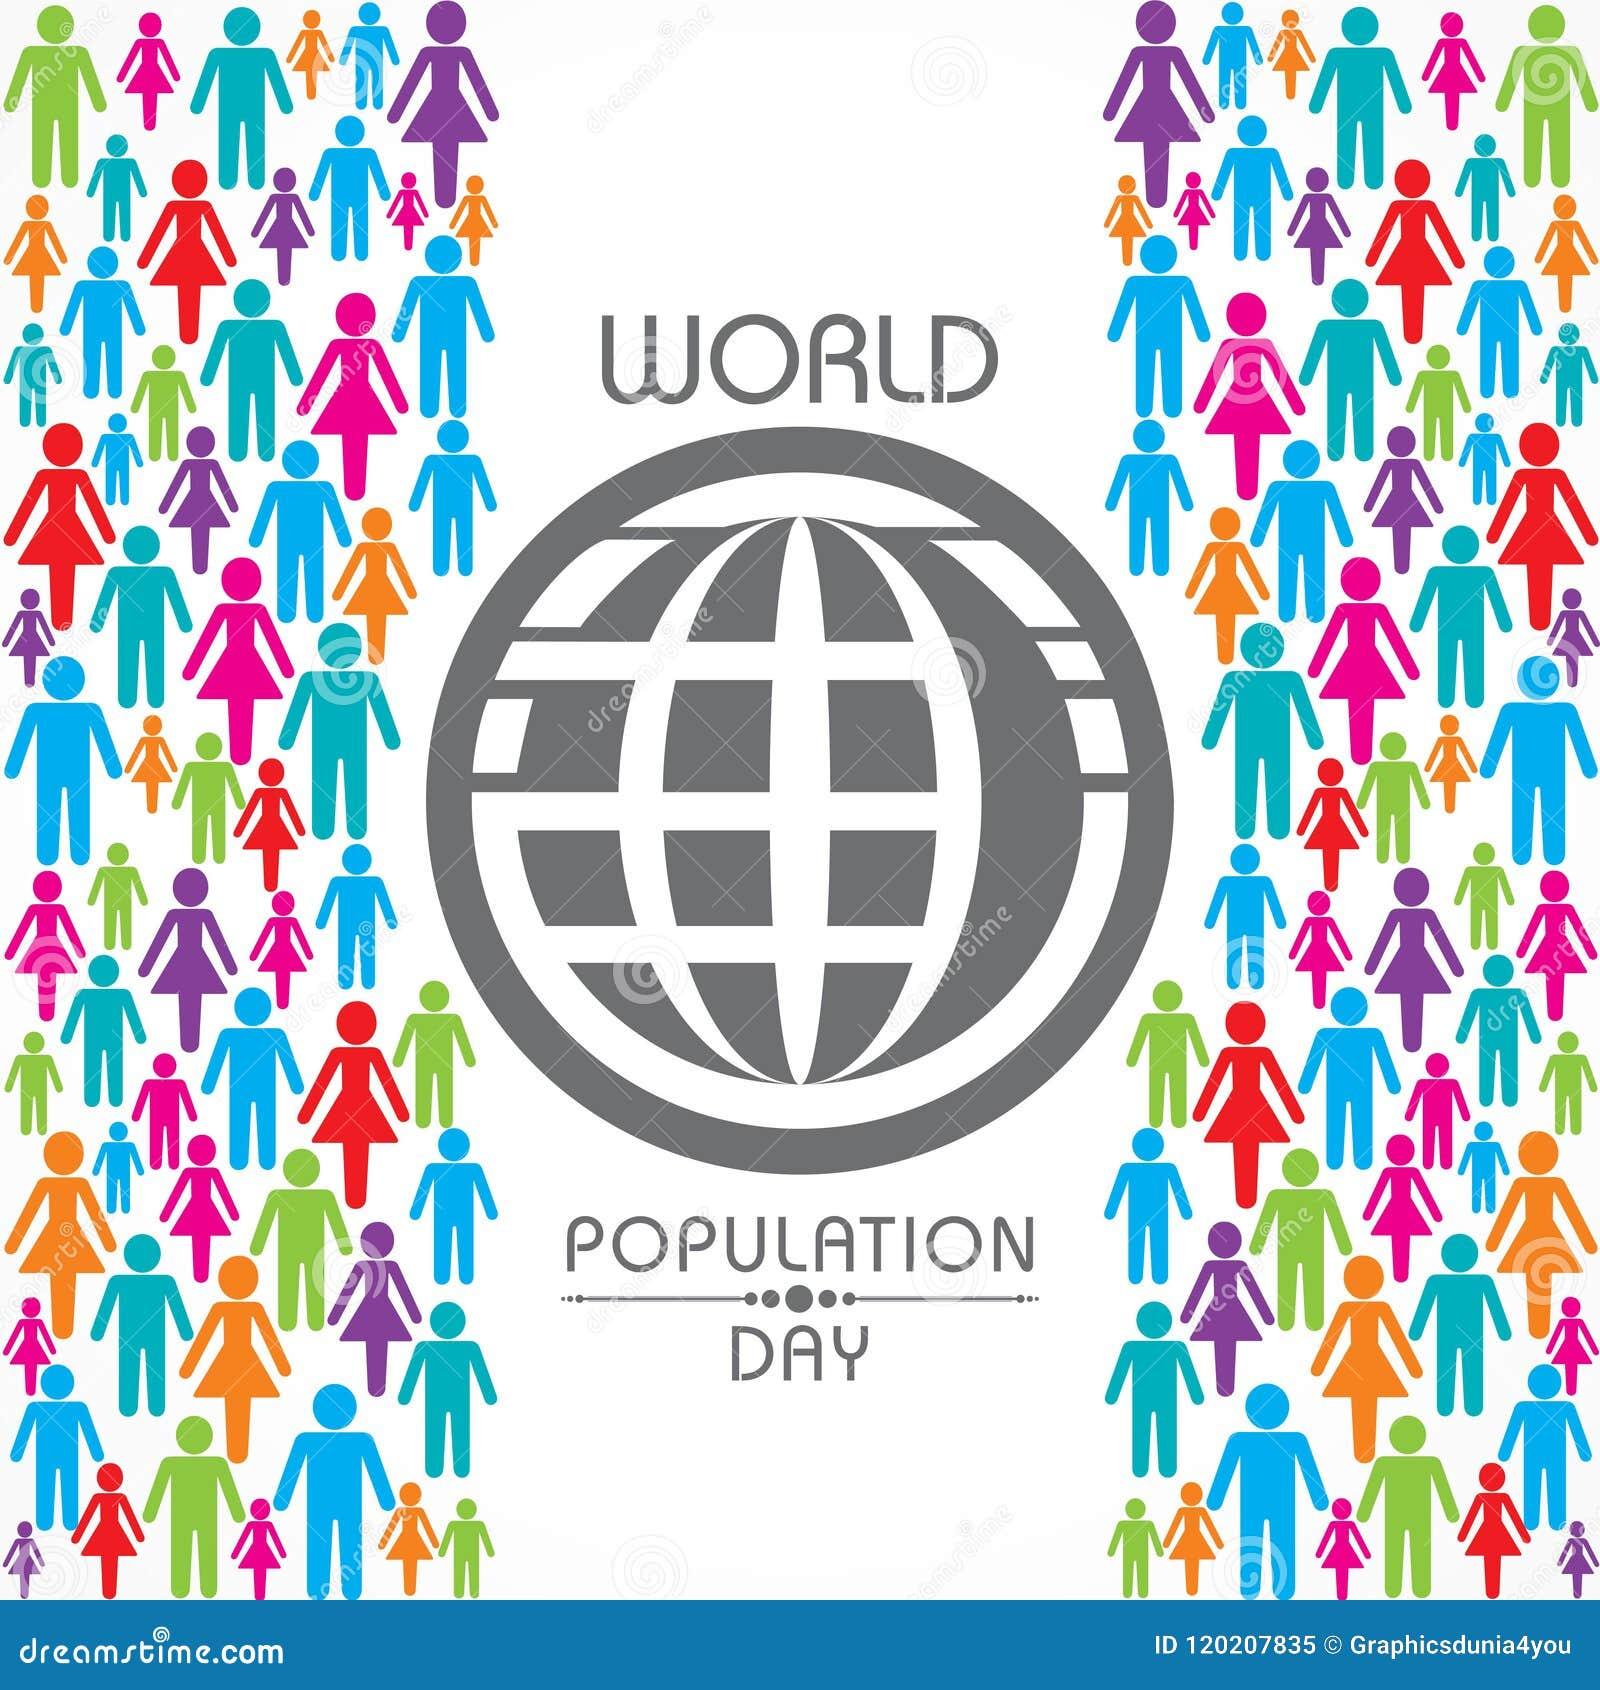 Иллюстрация, плакат или знамя на день мирового населения